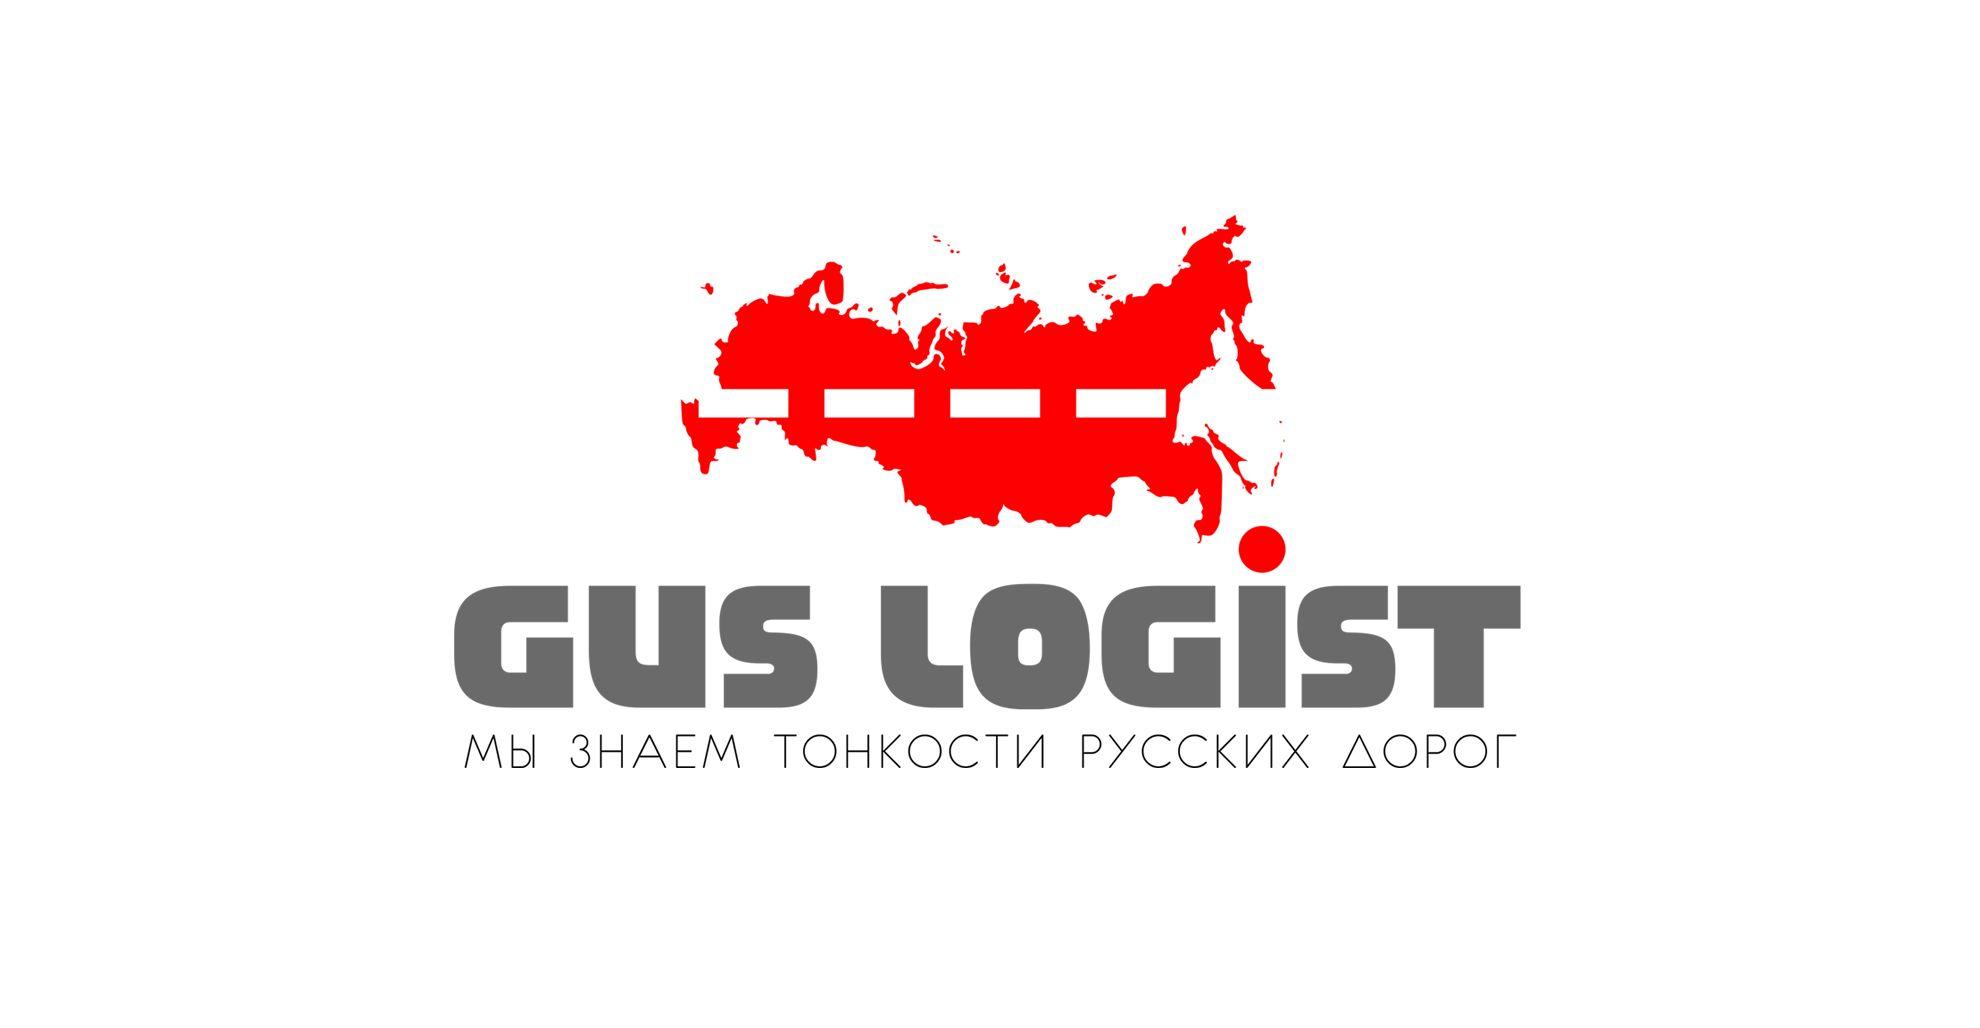 Логотип для транспортной компании - дизайнер Elshan